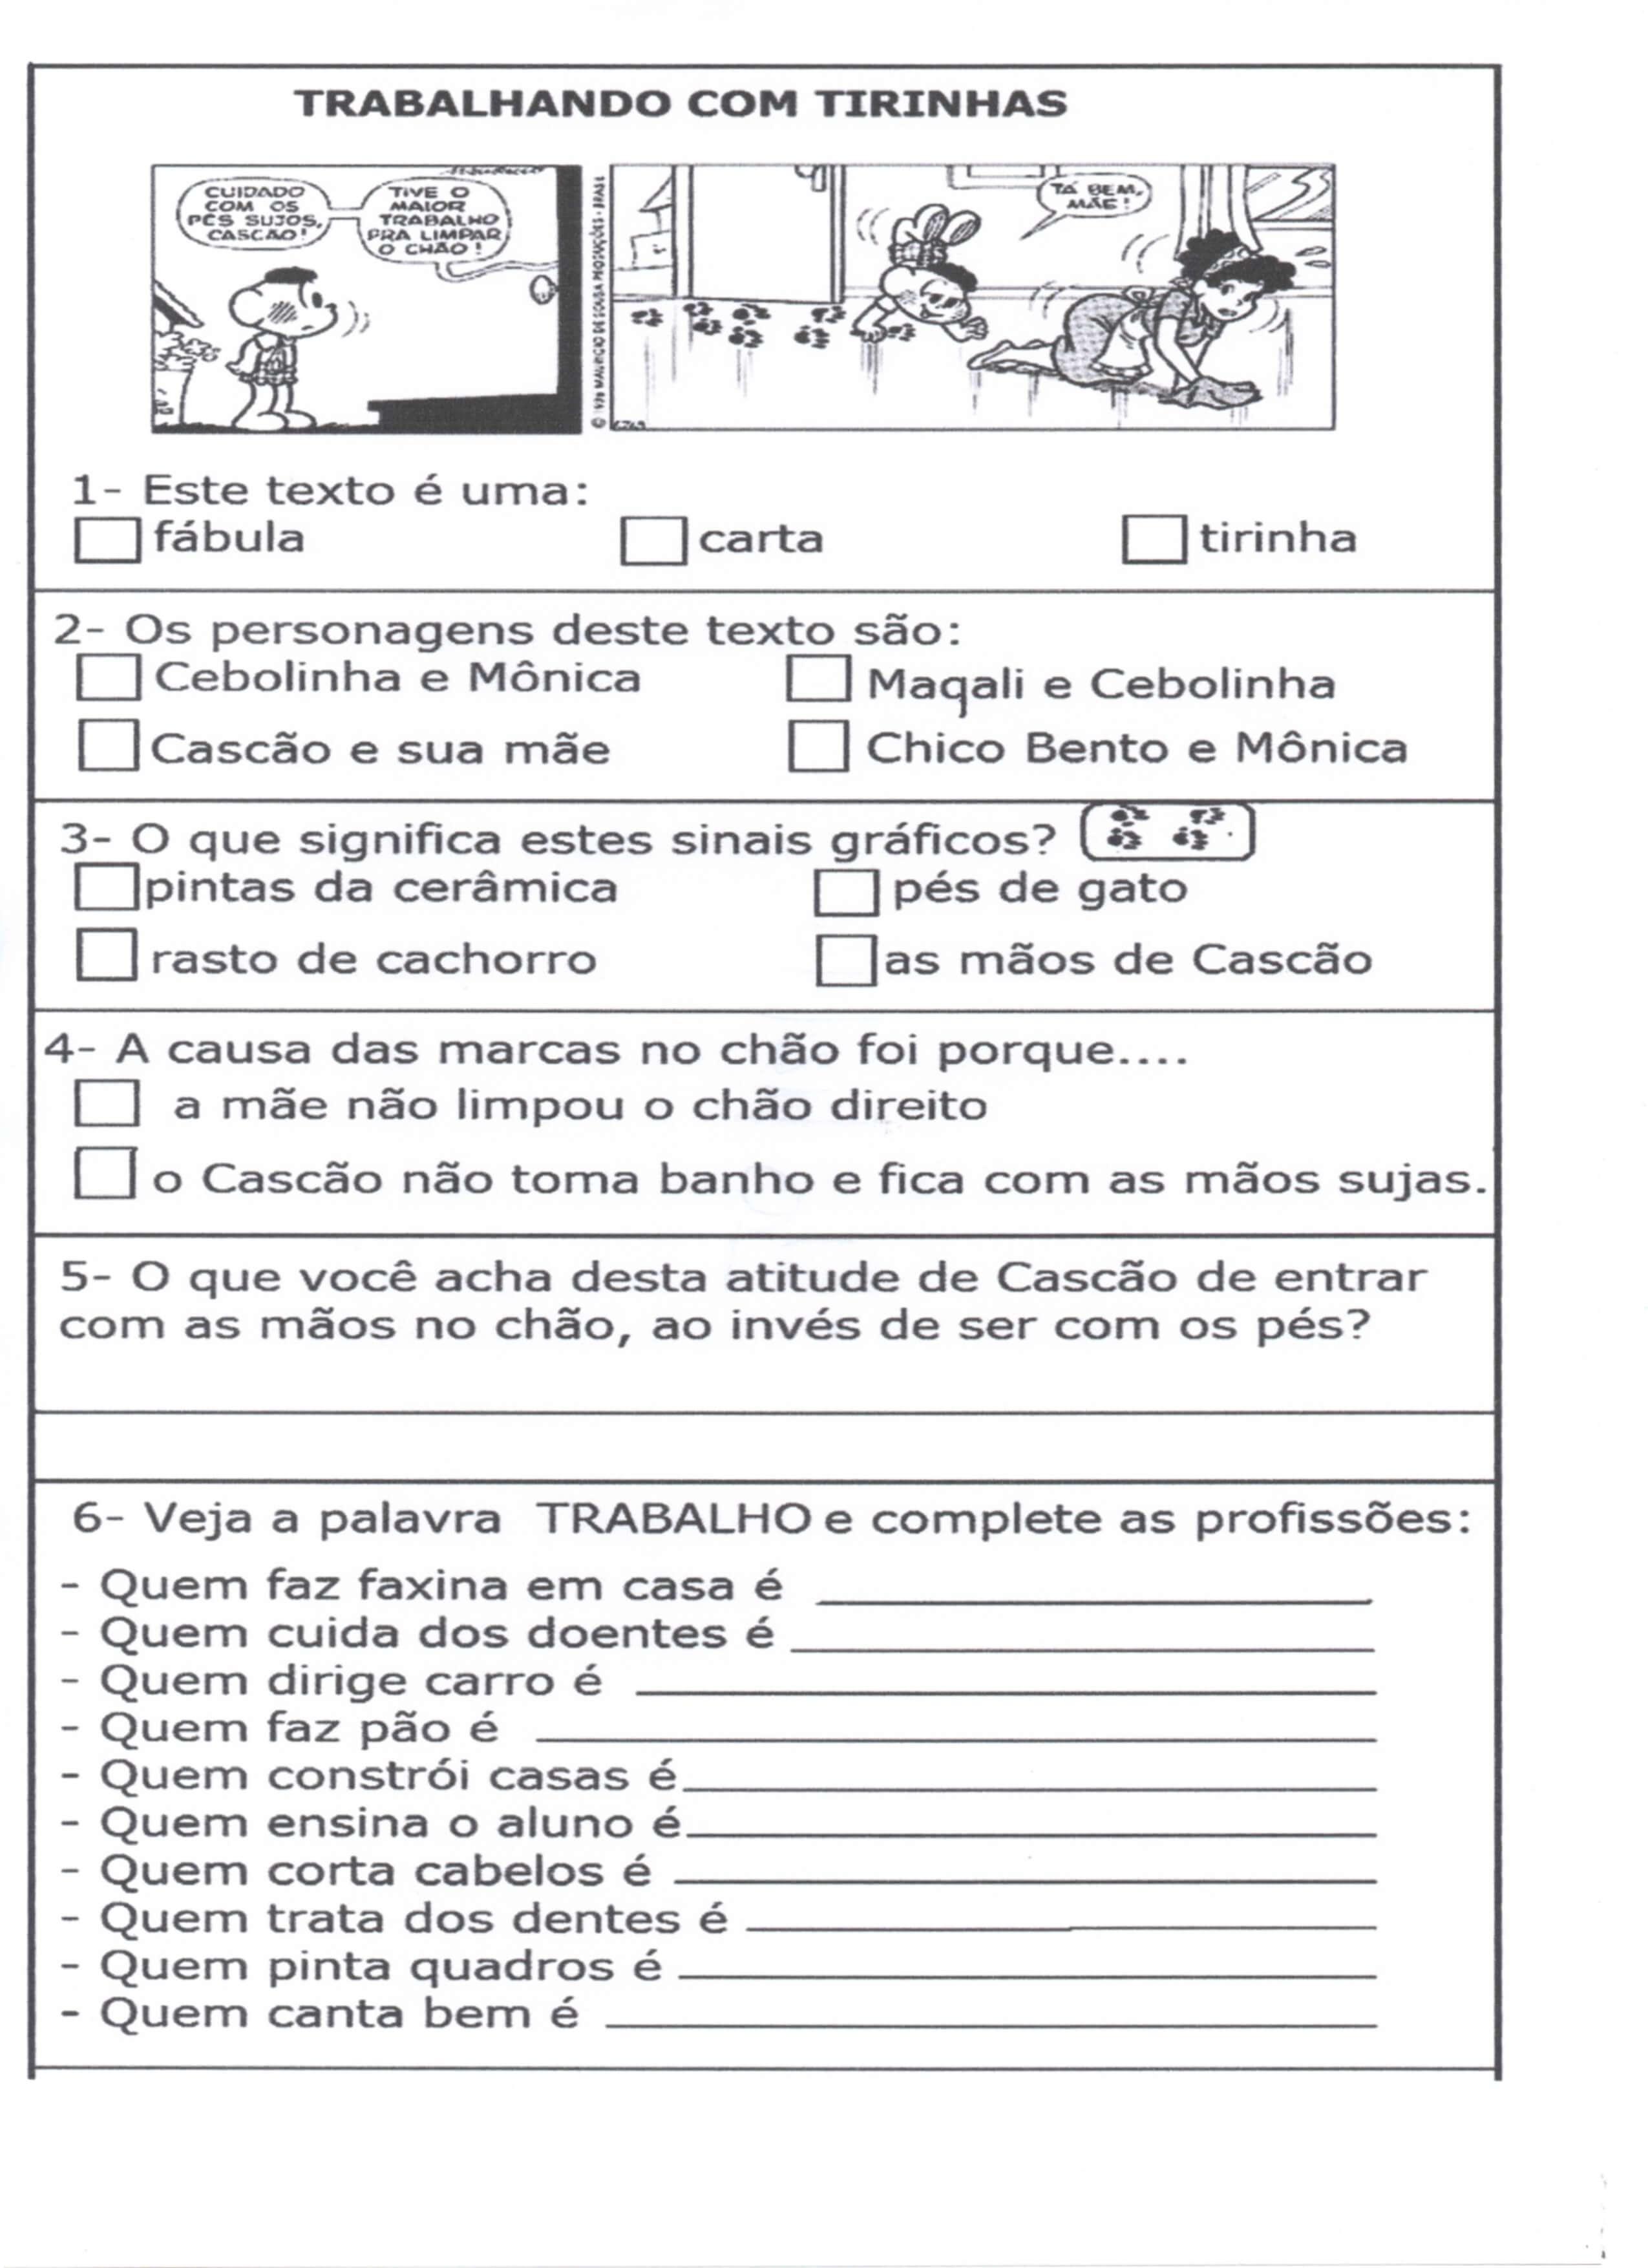 Calendario Dezembro 2013 Para Imprimir Más Recientes Arquivo Para atividade A Turma Da M´nica • Página 3 De 4